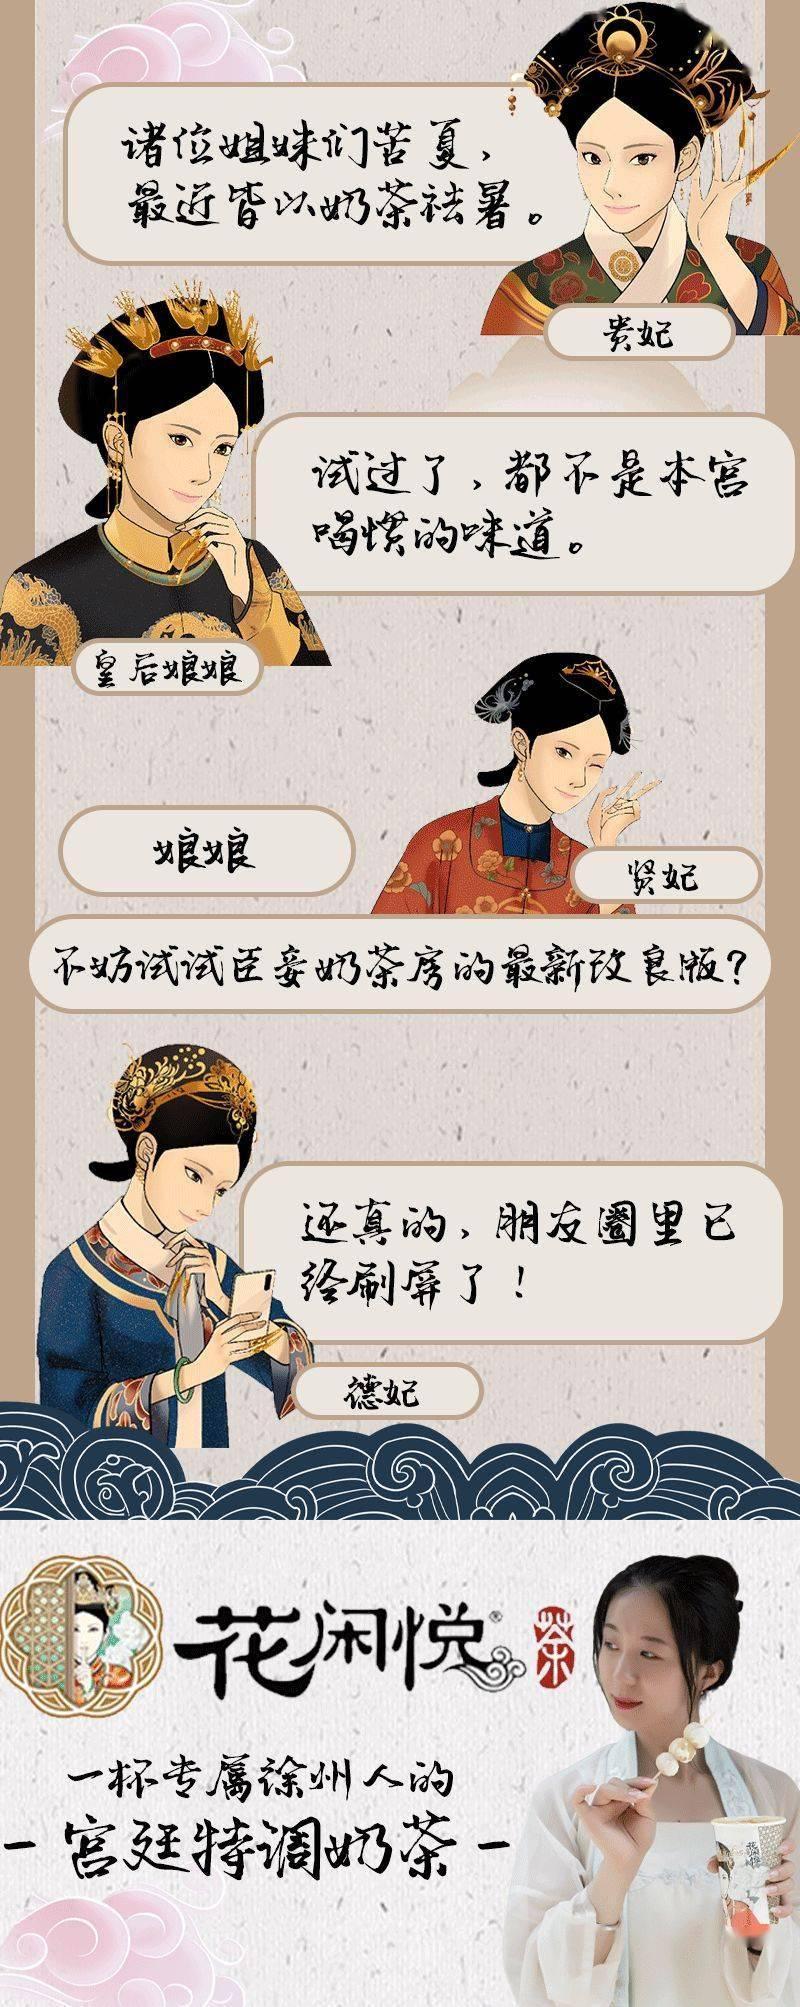 徐州也有了宫廷风奶茶!从古代穿越来,韵味十足,美得不像话!现在免费请你喝!